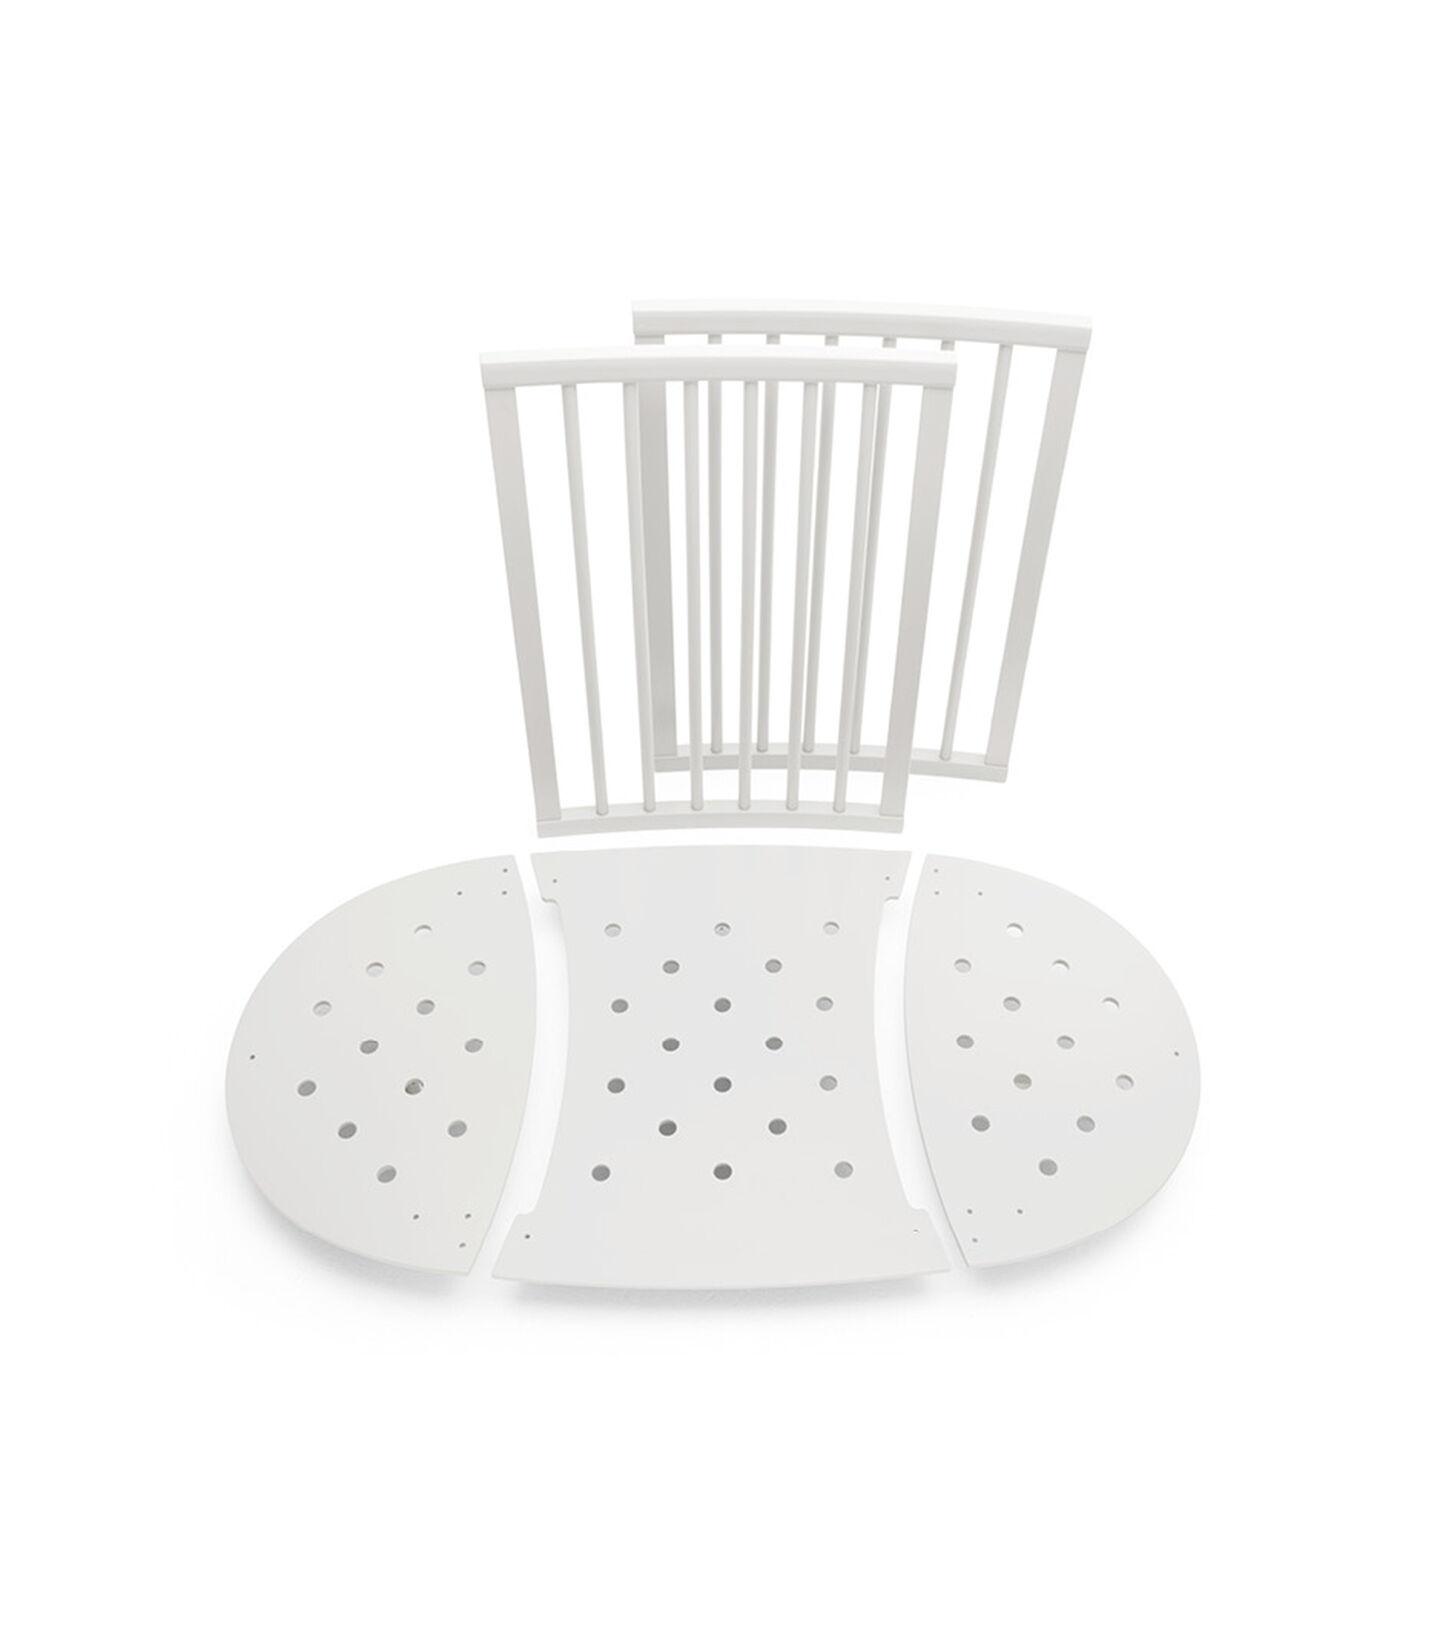 Stokke® Sleepi™ Bed Uitbreidingset White, White, mainview view 2